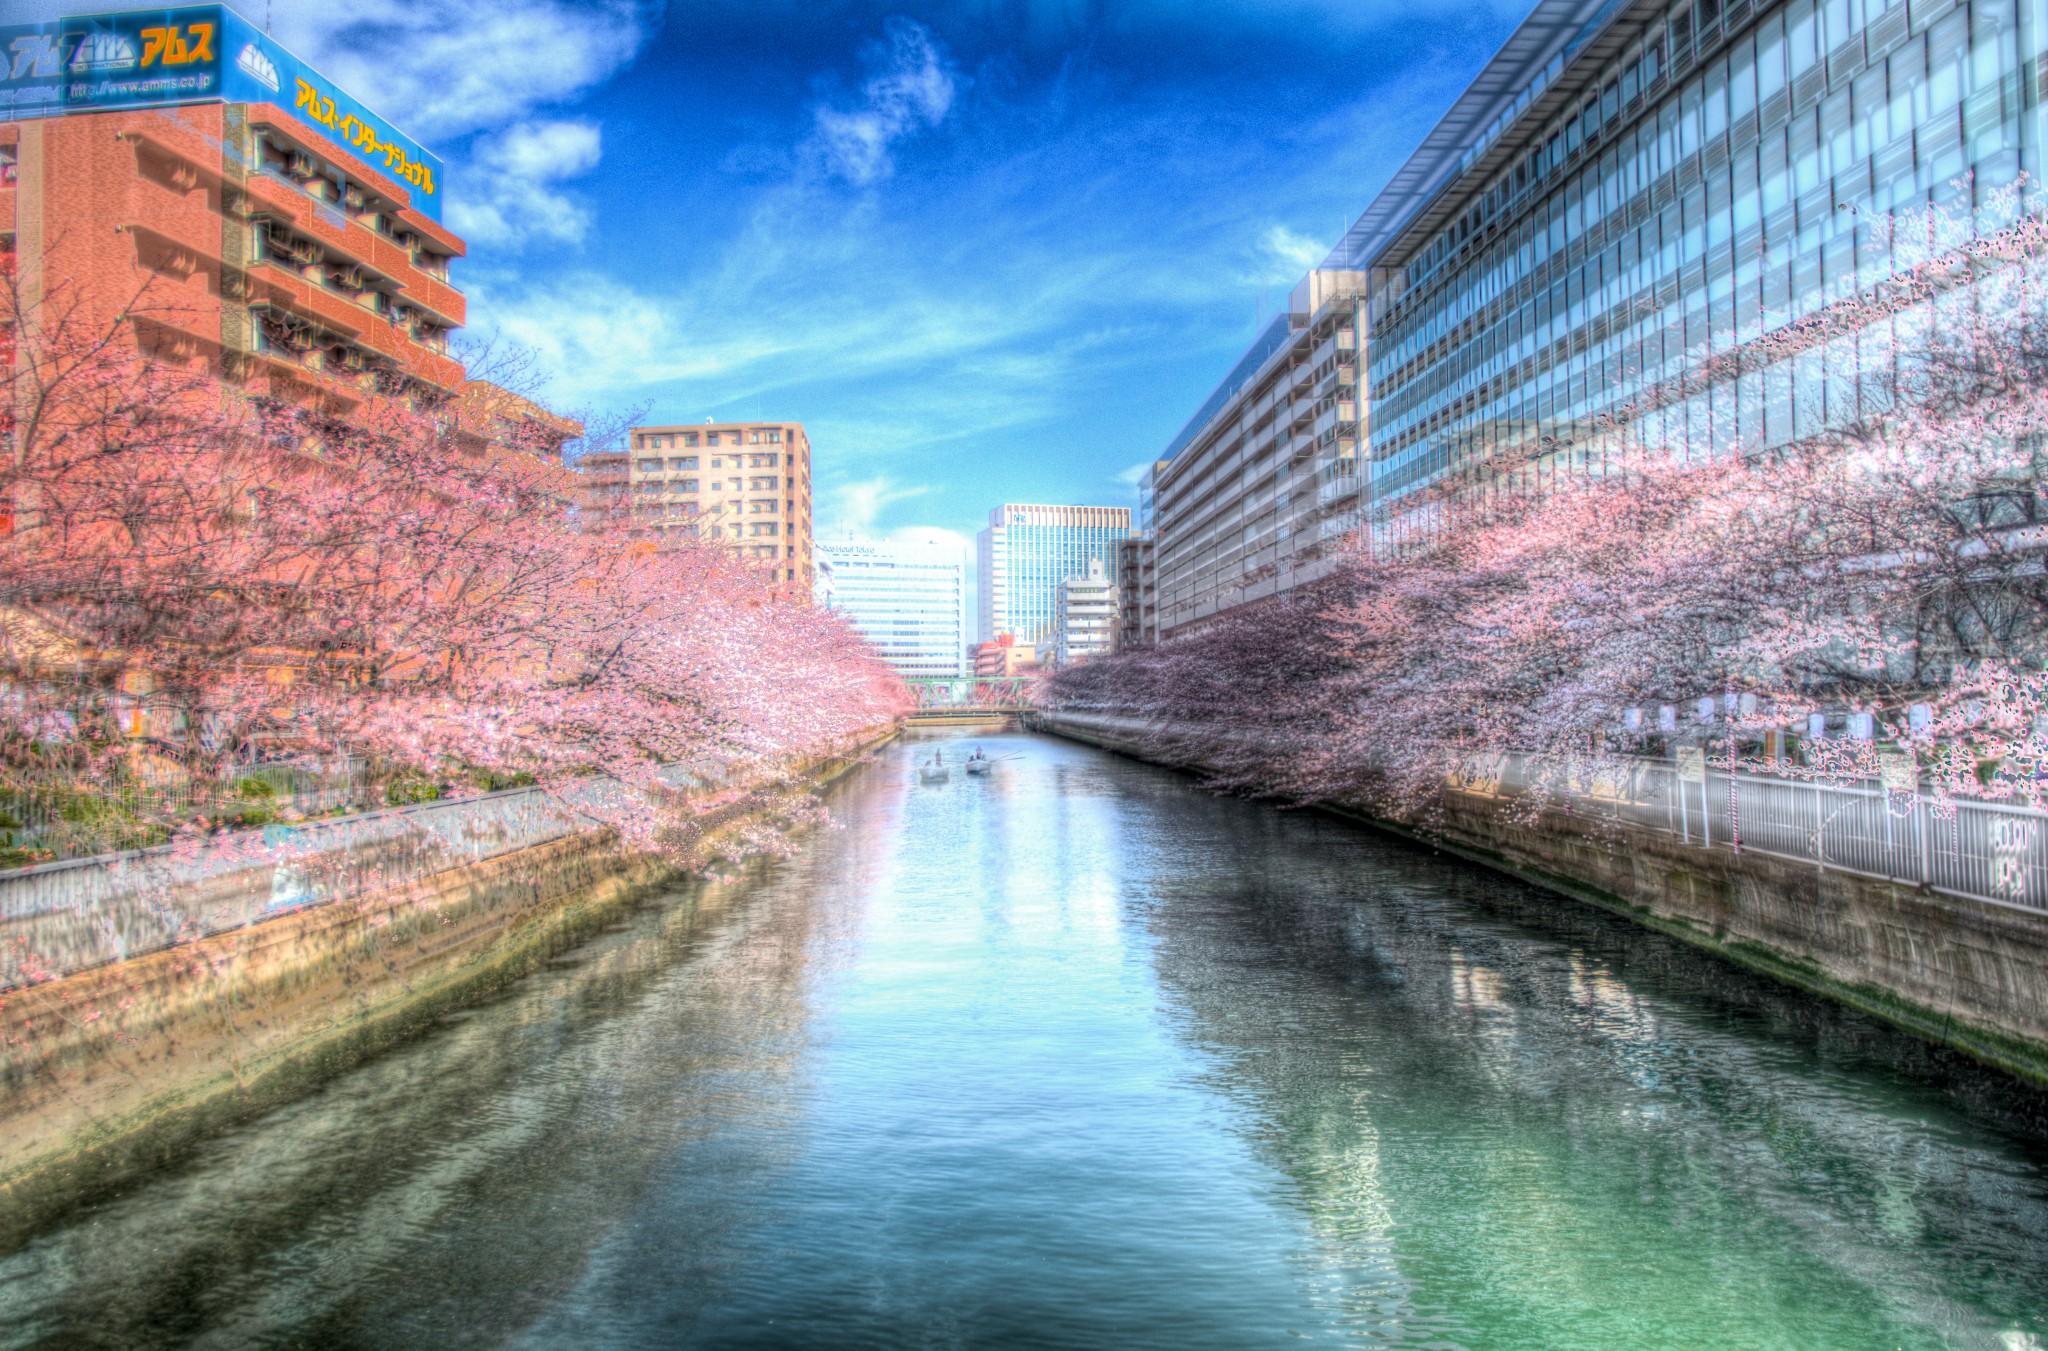 20150327_門前仲町の川沿い桜HDR